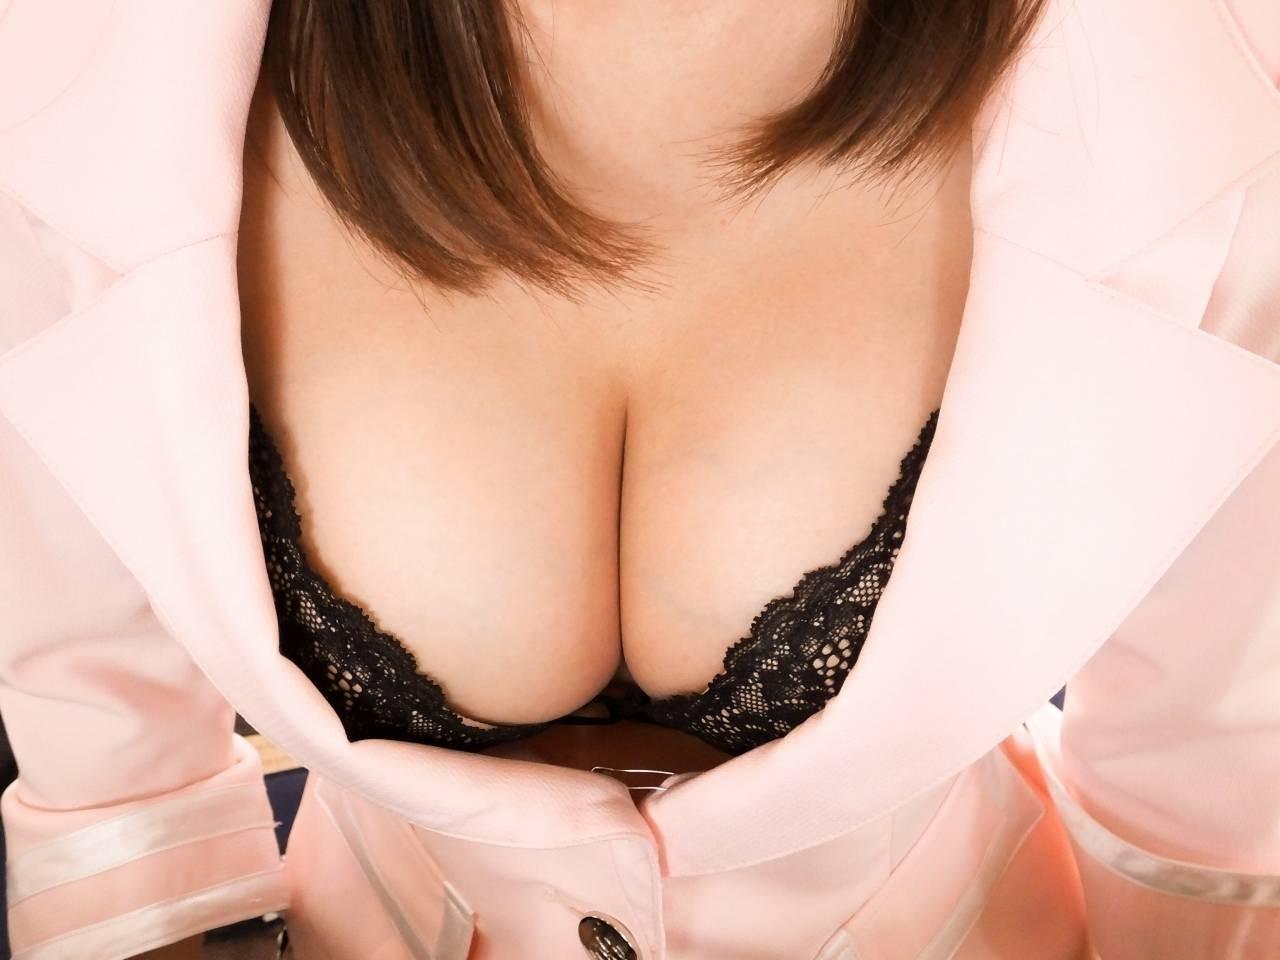 【着エロ画像】勃ったら負けでもいいw乳首に頼らずに男を欲情させる見せ方を知っている巨乳美女たちwww 09